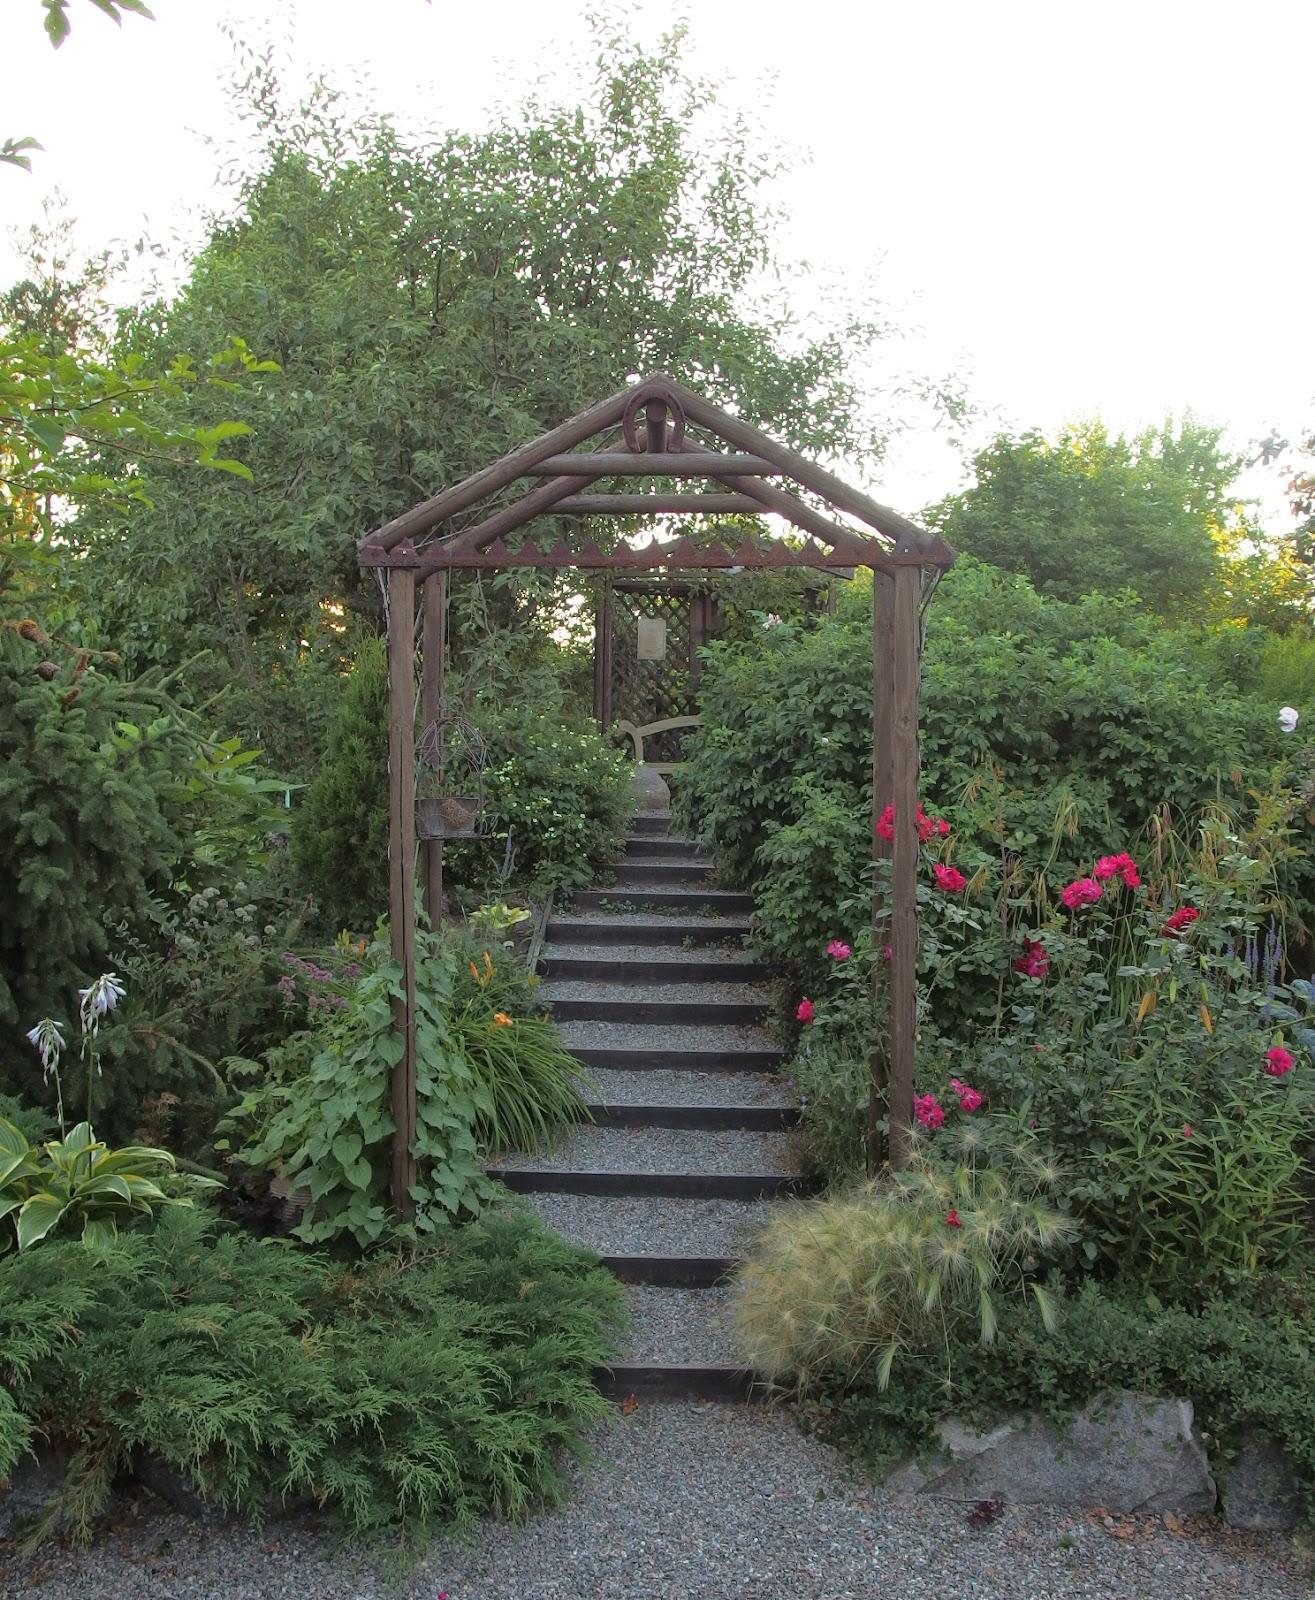 Inget nytt under solen: Pite havsbad och Triloba trädgård